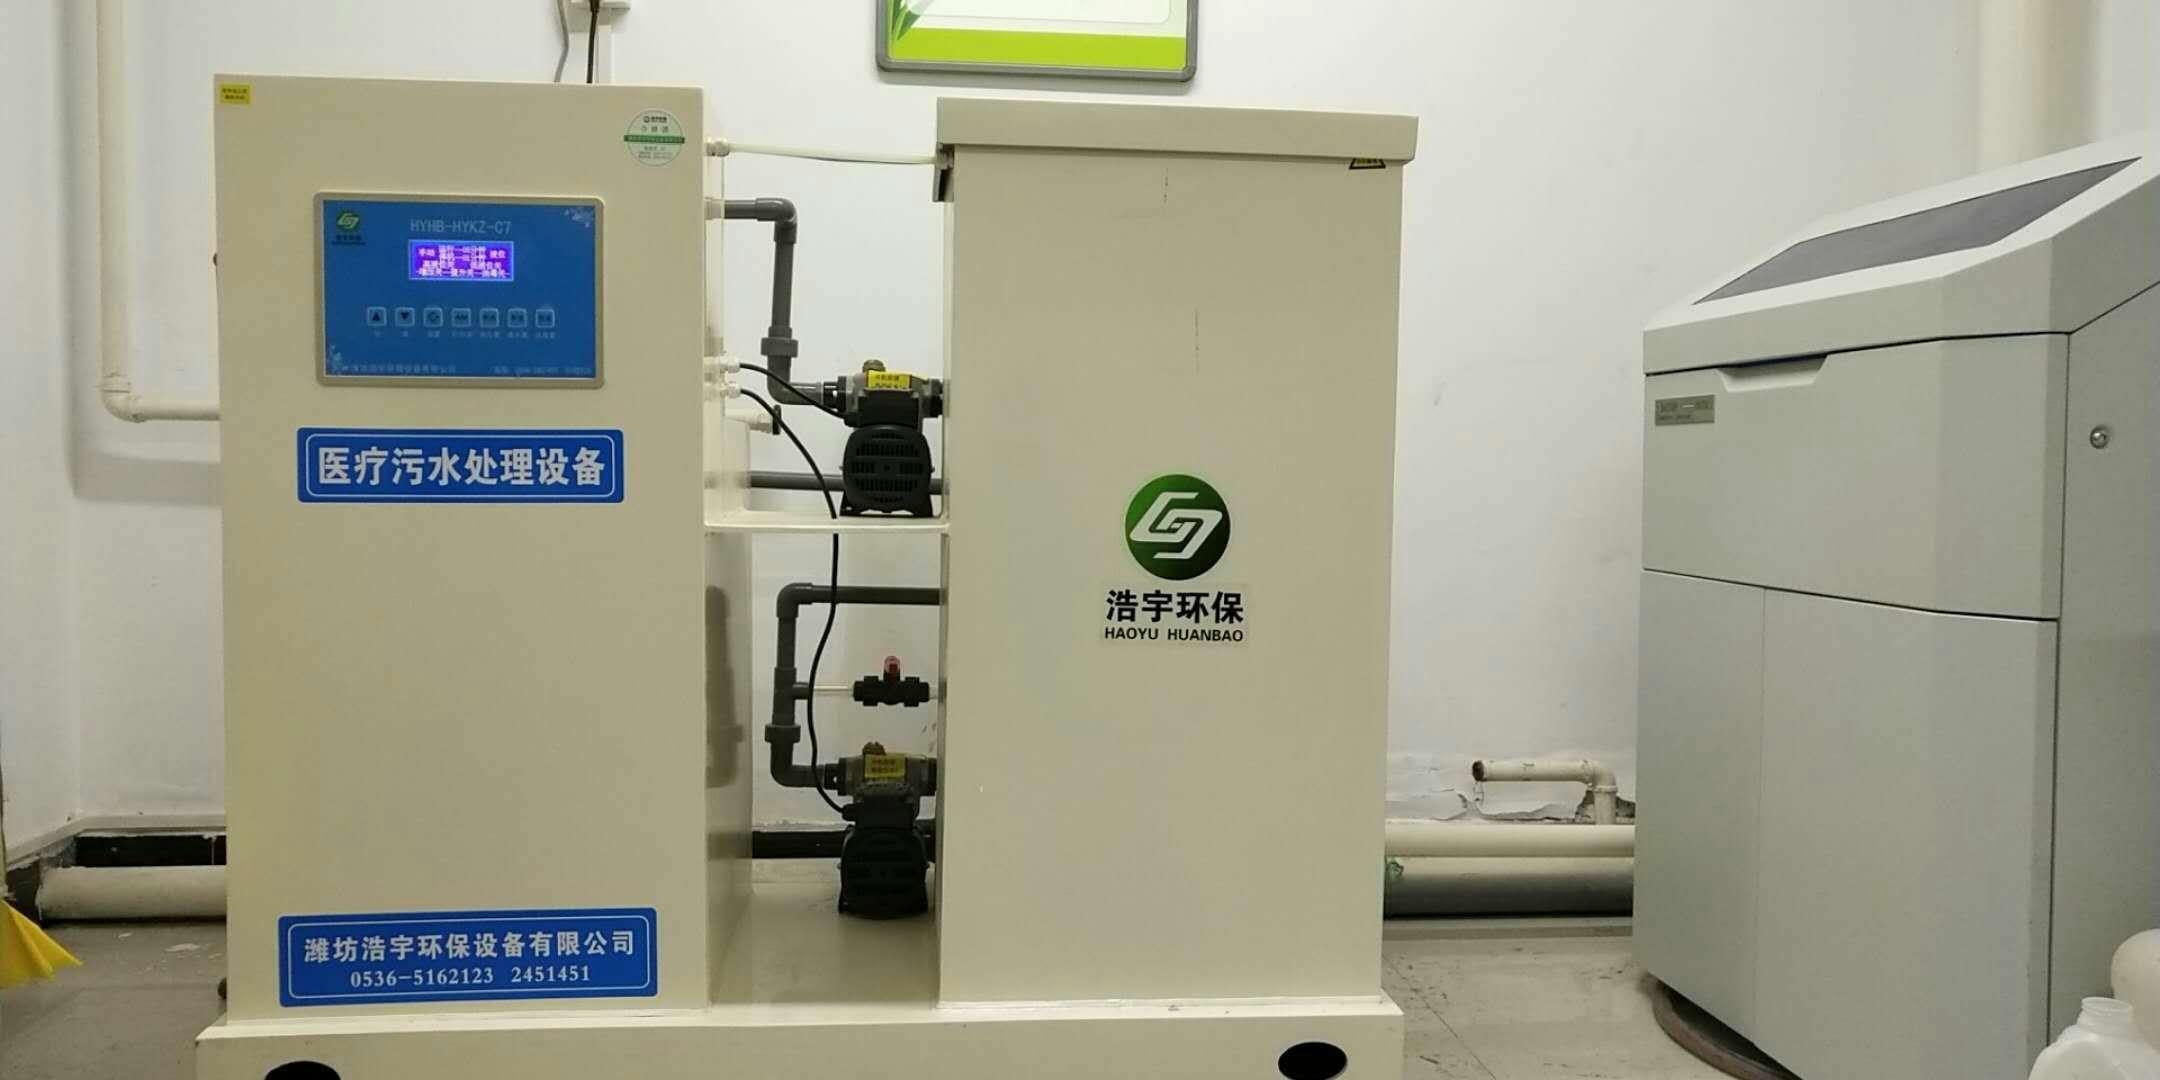 化驗室洗手盆污水處理設備 <br> 全新  價格:16500 <br> <img src=http://k.kqzp.cn/img/up/img/5f06d0b1645f9.jpg